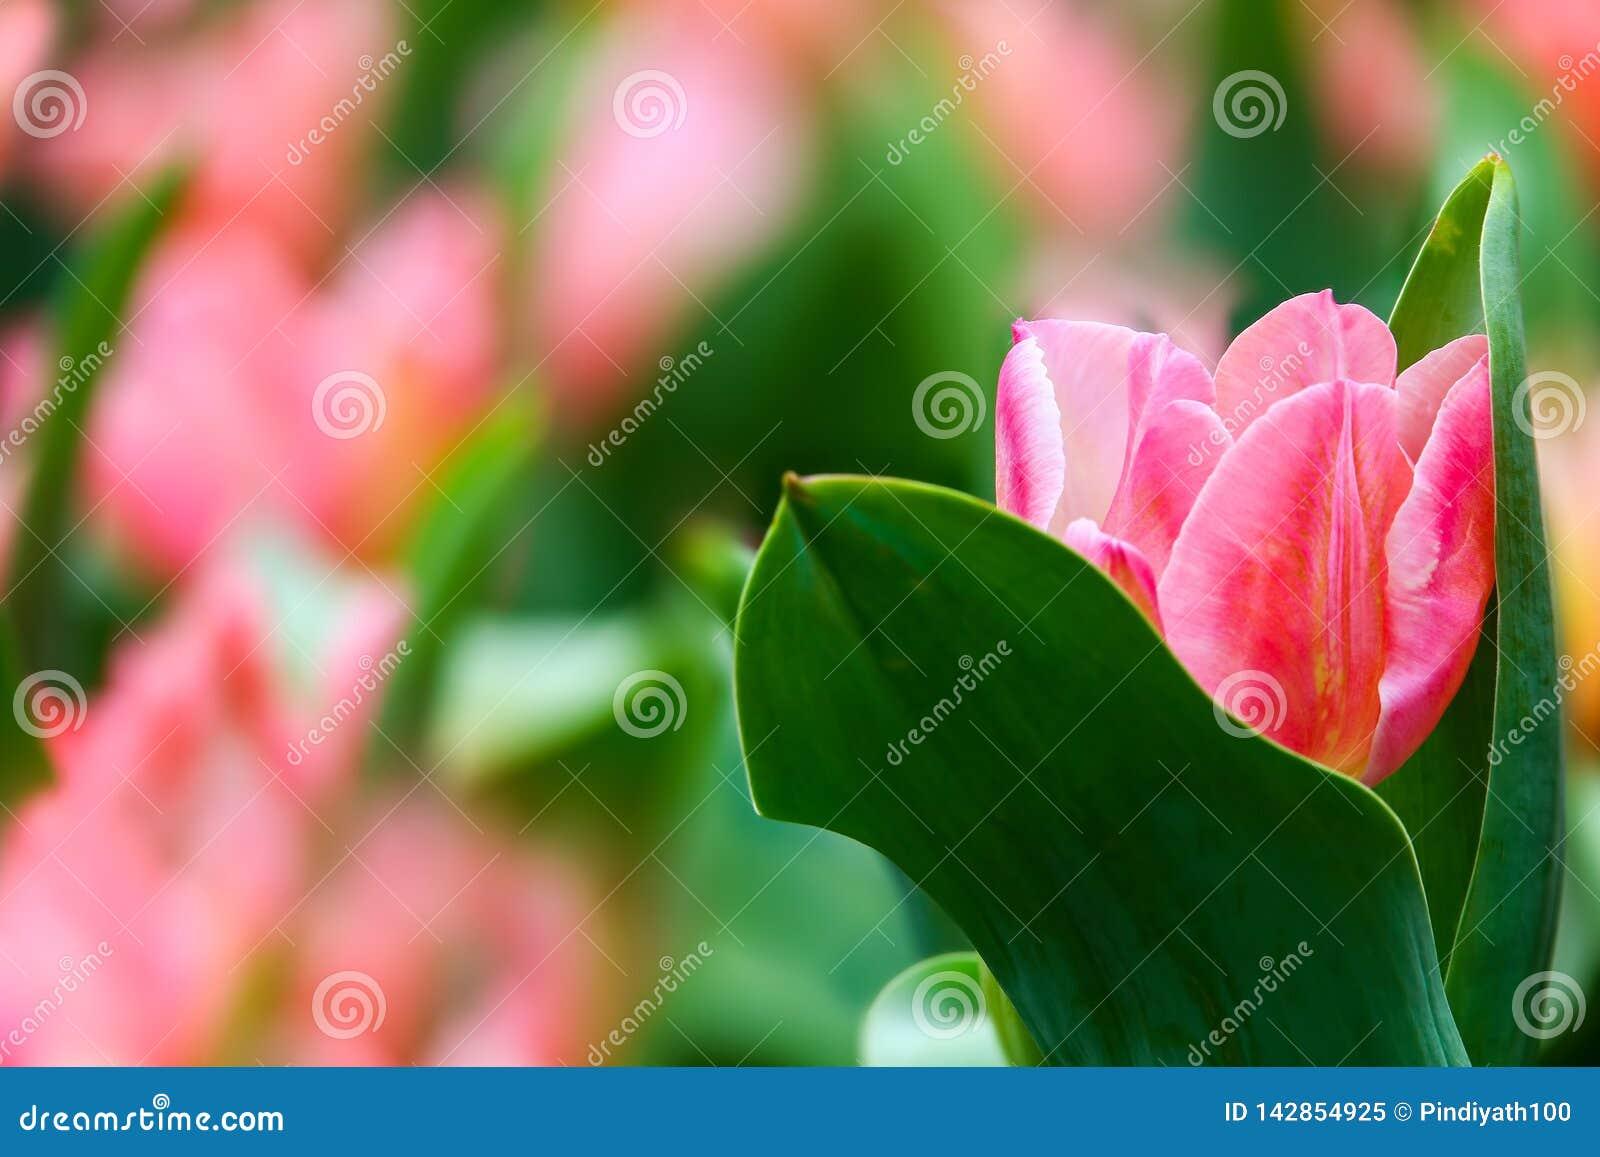 Bello tulipano rosa in un campo che si nasconde fra le foglie